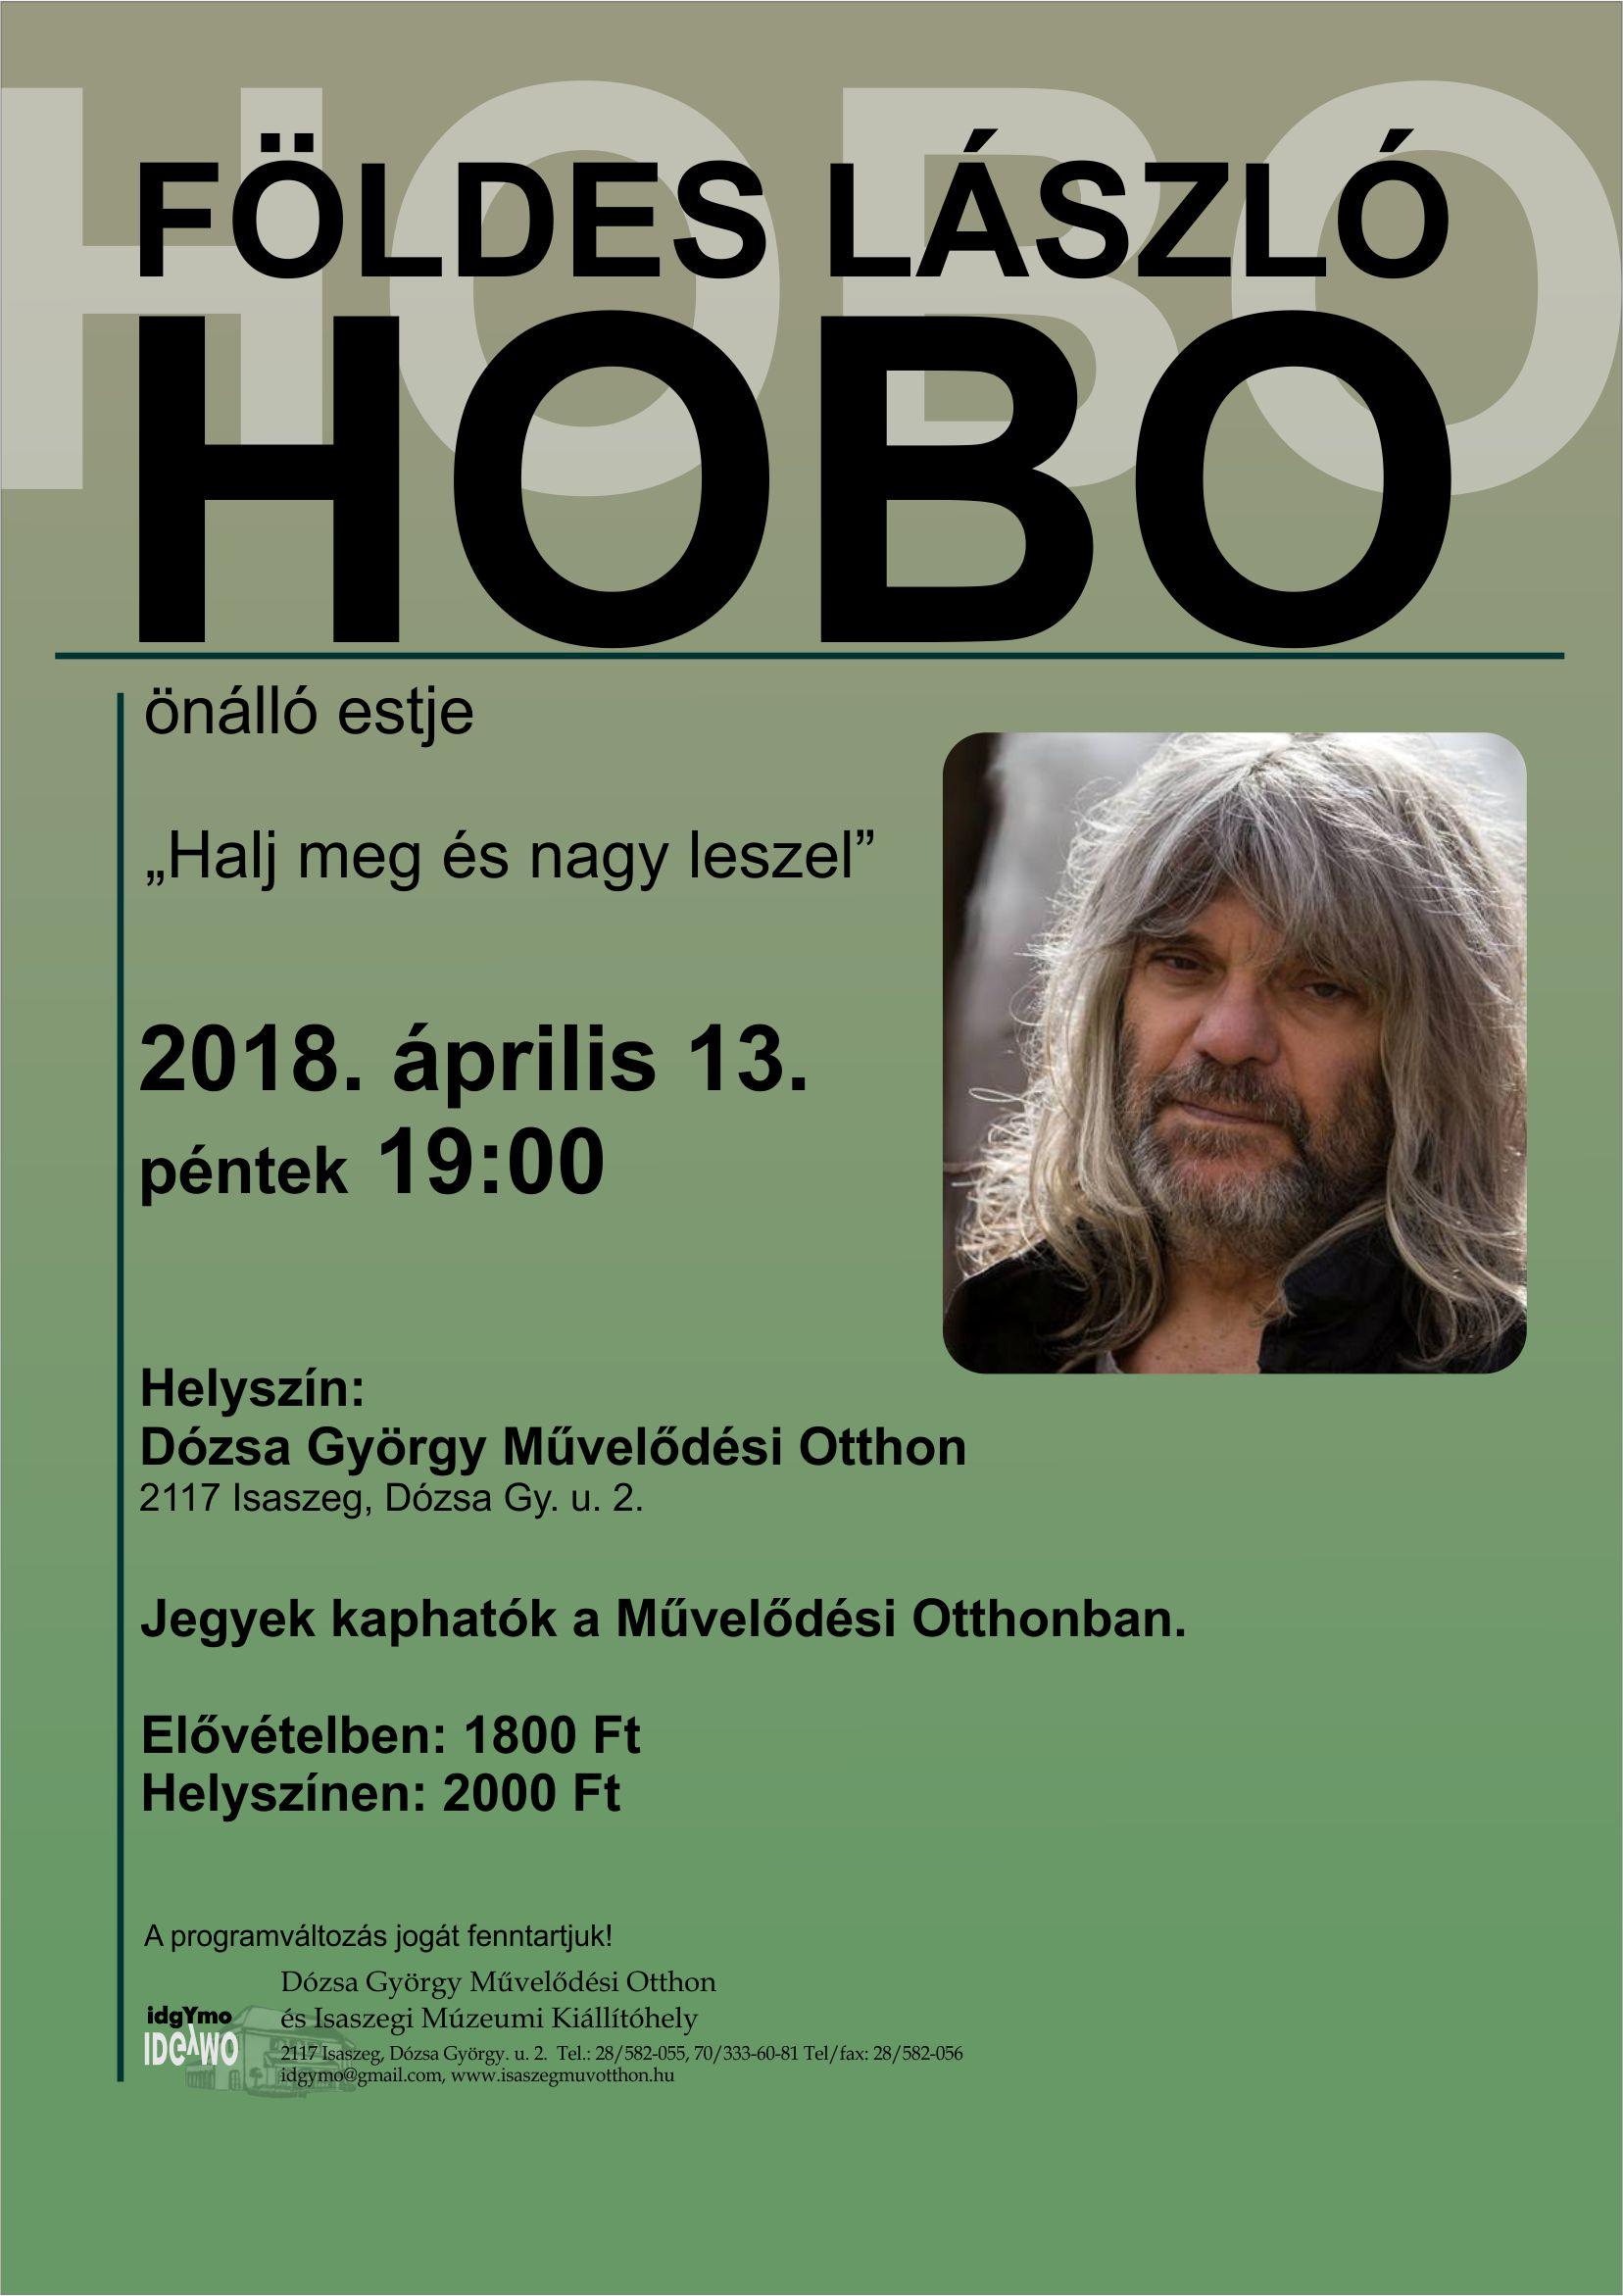 Földes László HOBO